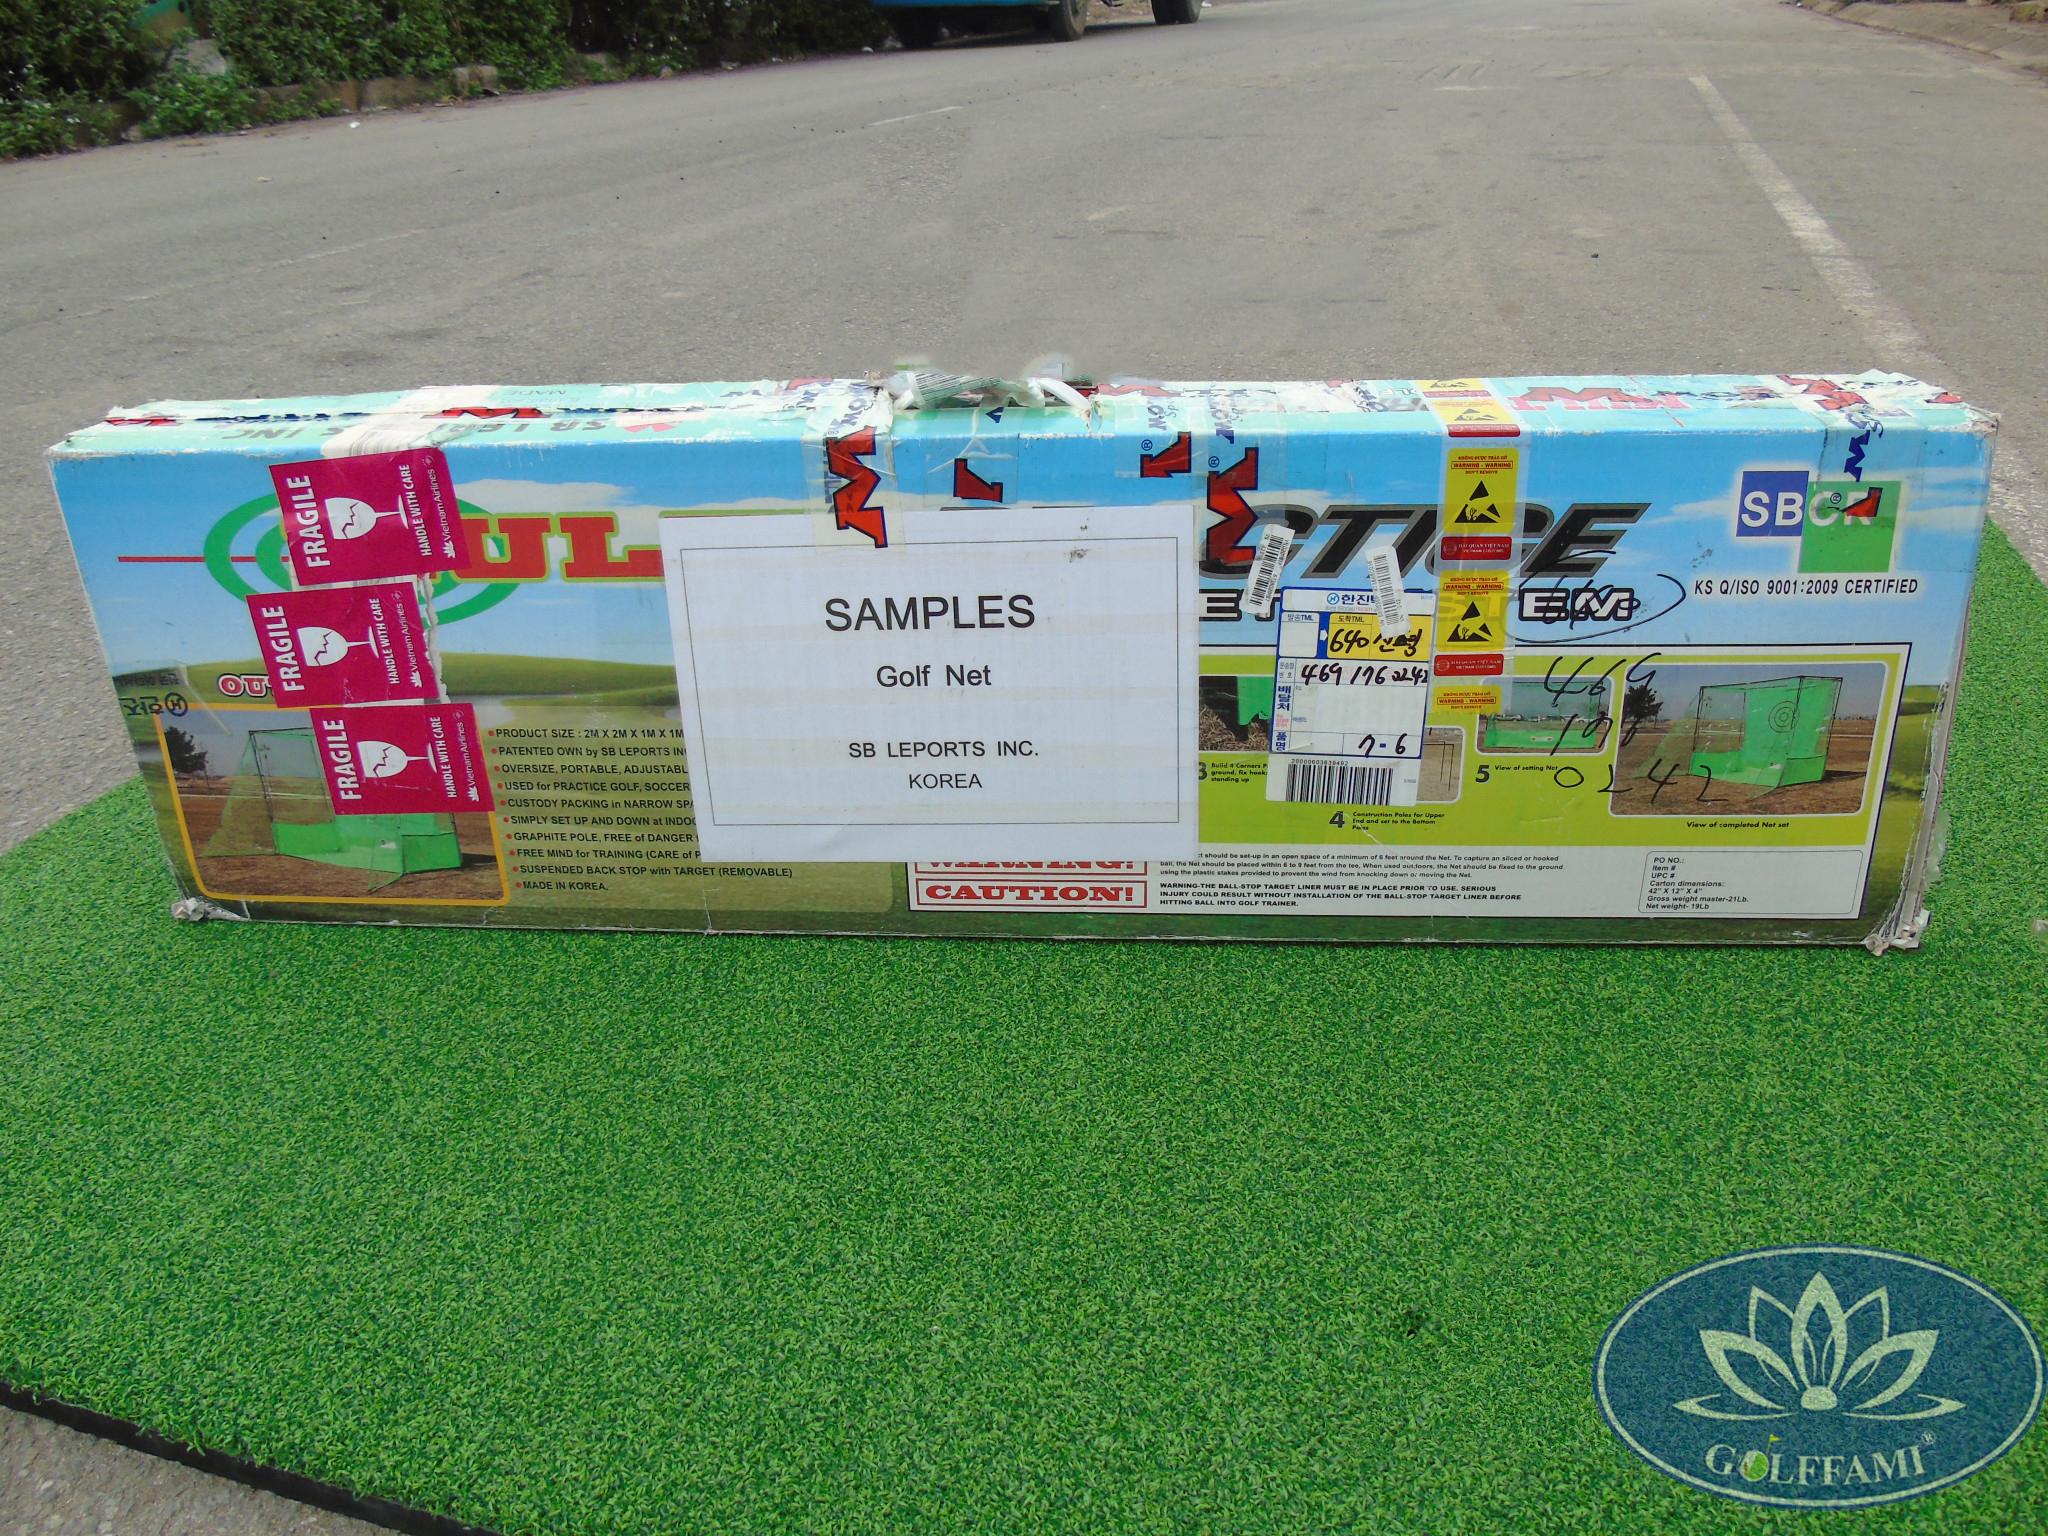 bộ khung tập golf Hàn Quốc Gomi60 nguyên hộp